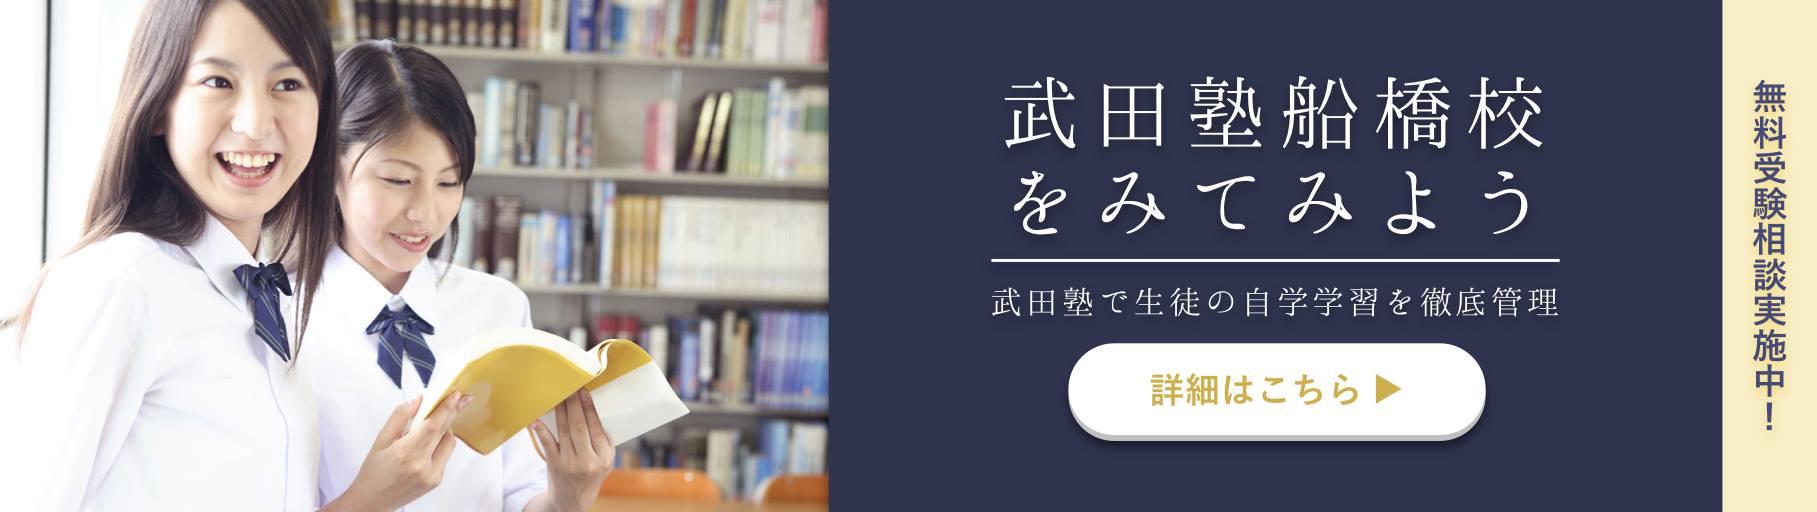 武田塾船橋校オフィシャルサイト